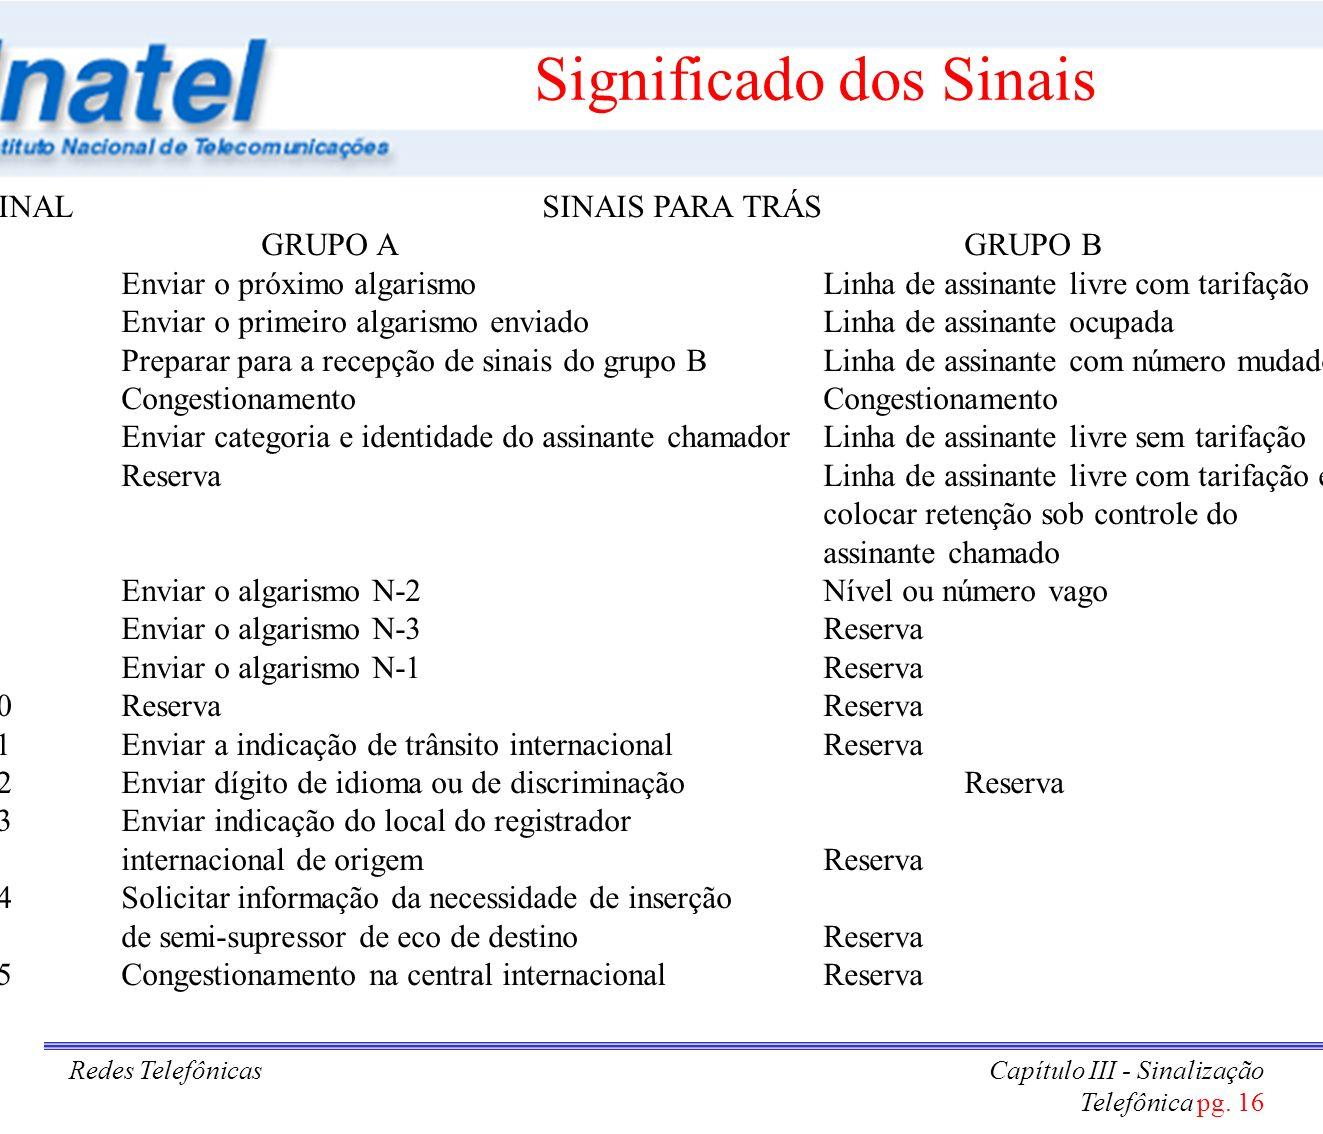 Redes TelefônicasCapítulo III - Sinalização Telefônica pg. 16 Significado dos Sinais SINALSINAIS PARA TRÁS GRUPO AGRUPO B 1Enviar o próximo algarismoL